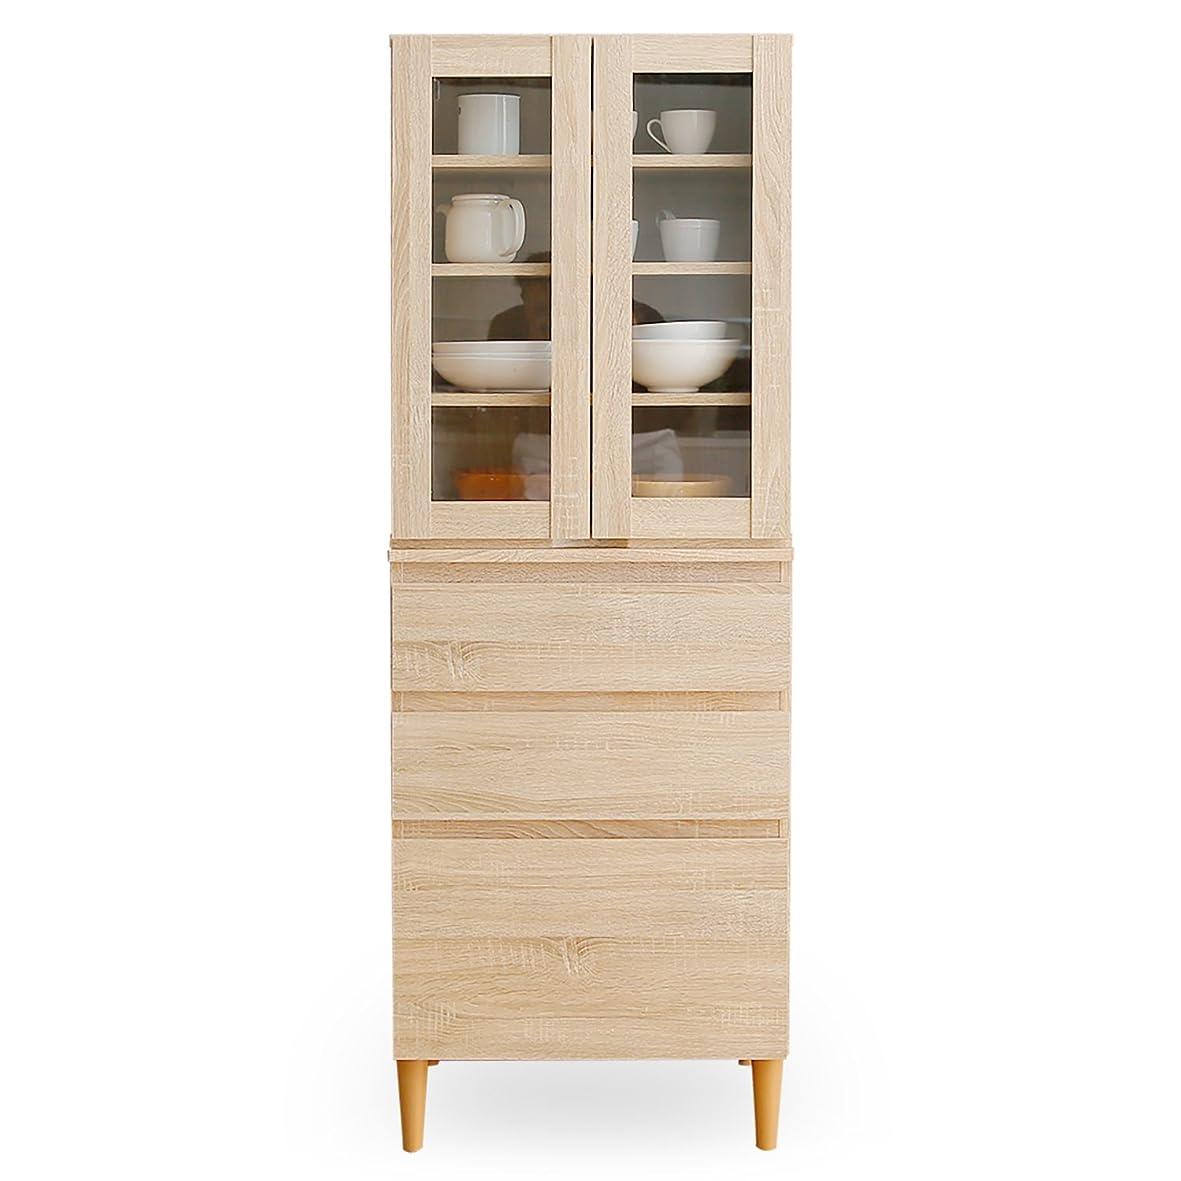 シャット不利益屋内でLOWYA キッチン 収納 食器棚 レンジ台 食器収納 引き出し 3段 上段B+下段B オーク